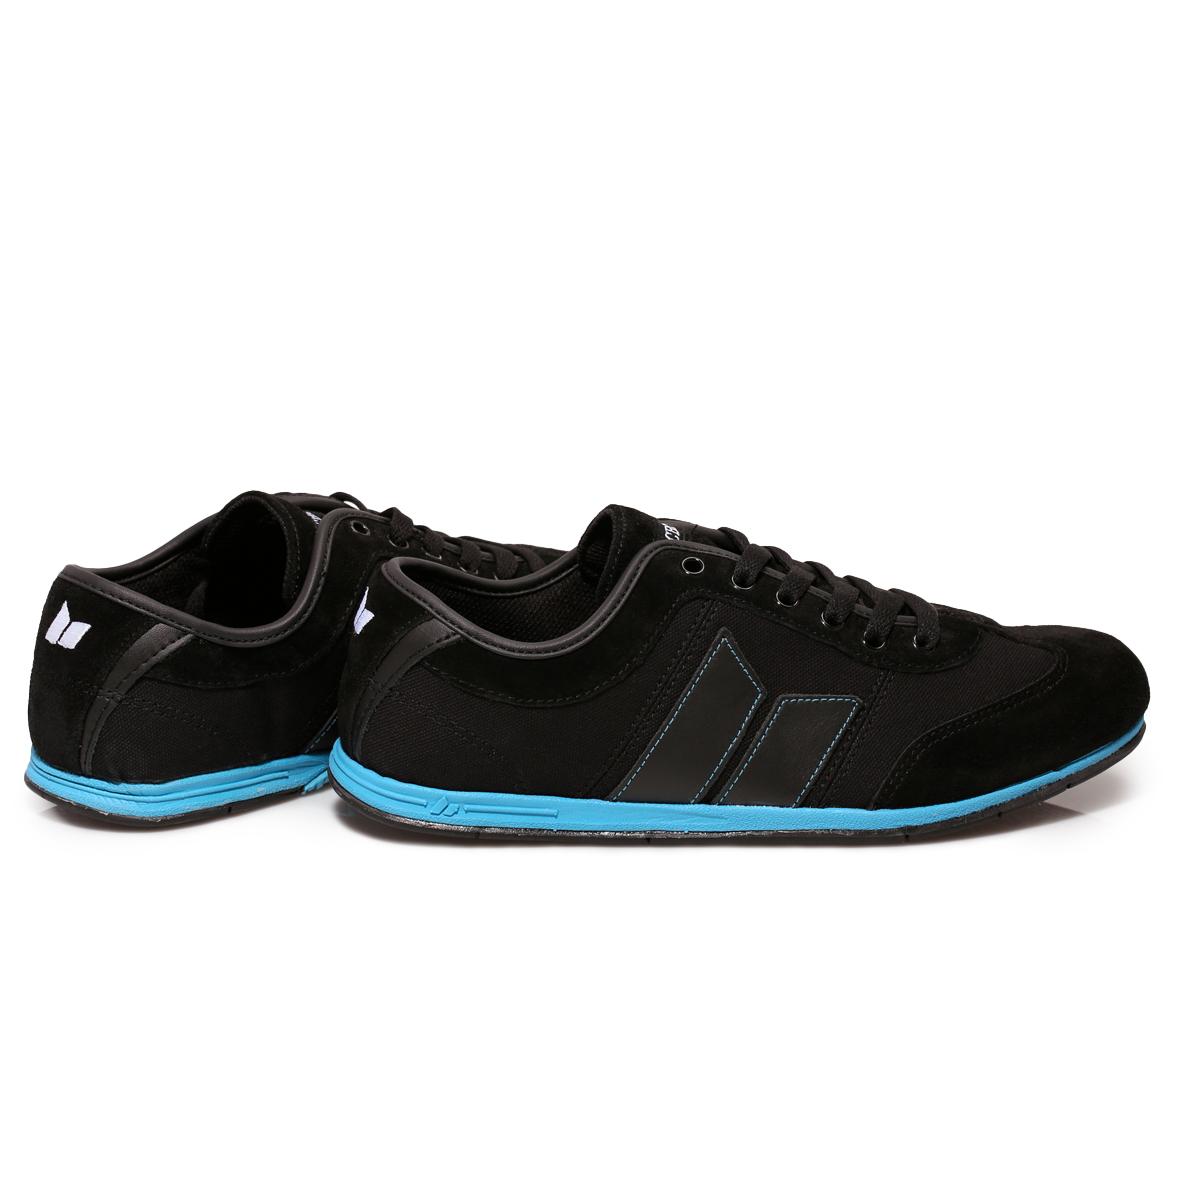 Macbeth Black Brighton Suede   Canvas Mens Trainers Sneakers Shoes Size 7 11. Macbeth Black Brighton Suede  amp  Canvas Mens Trainers Sneakers